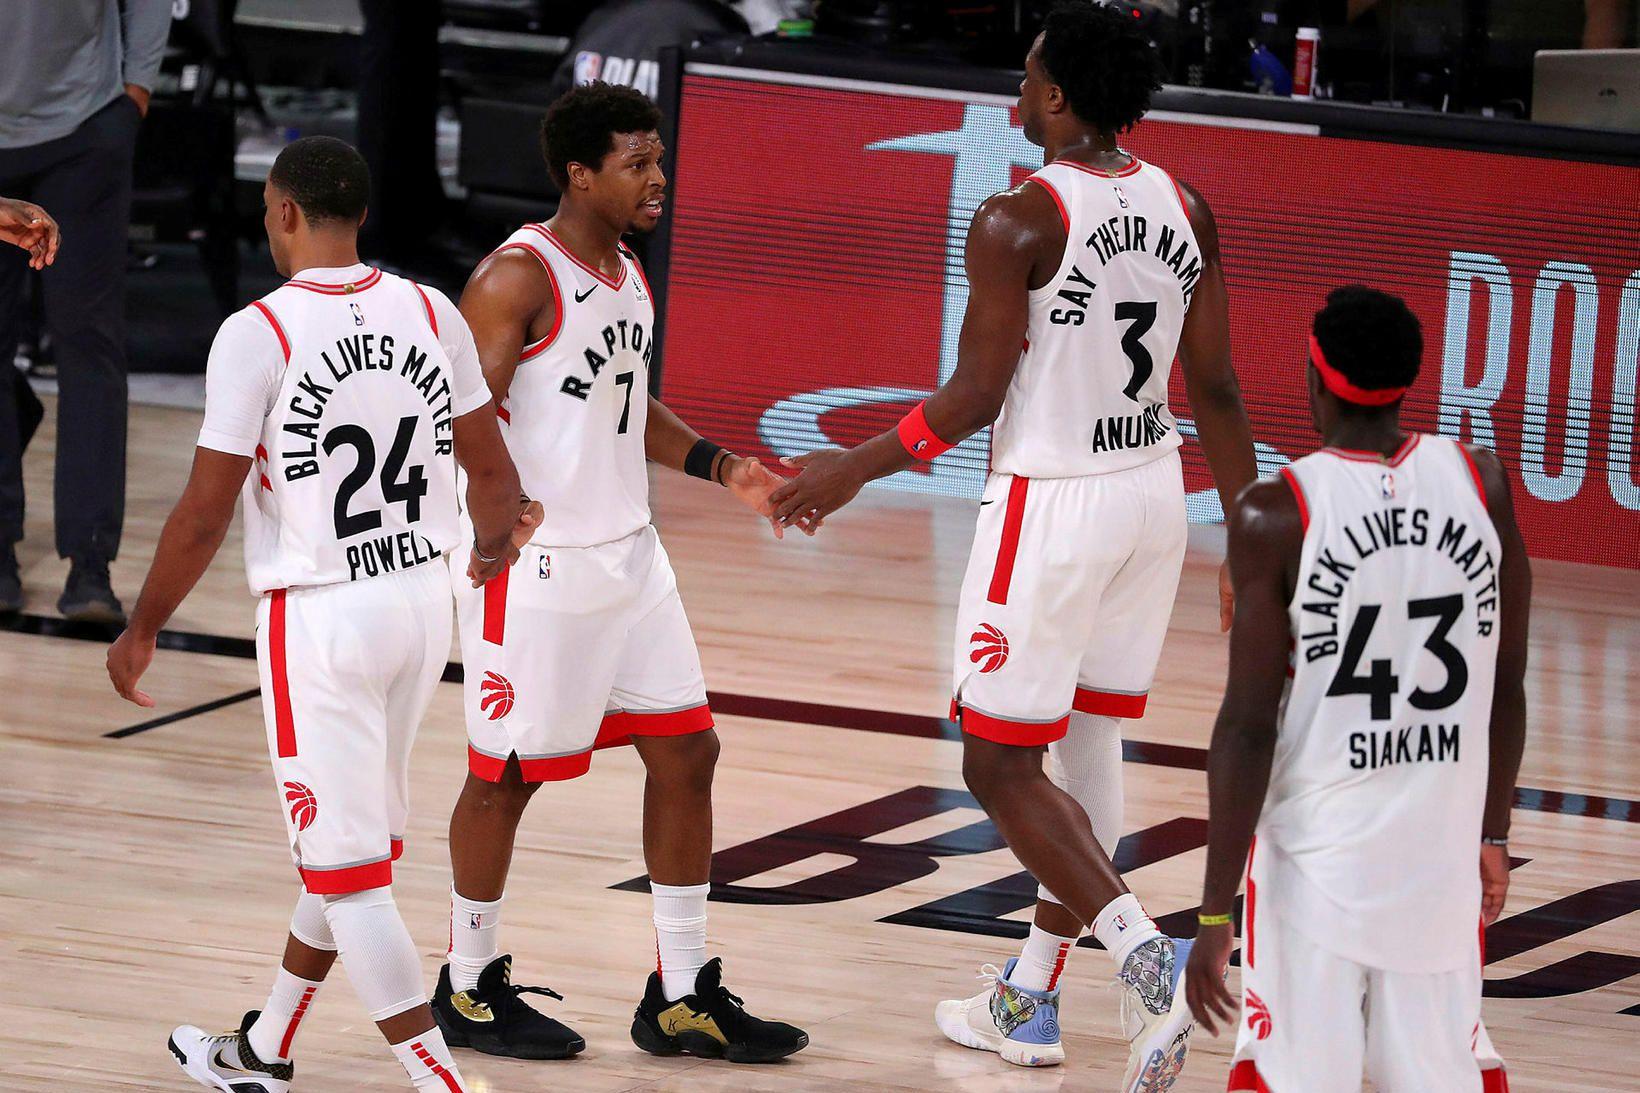 Meistarar Toronto Raptors ganga af velli í nótt.